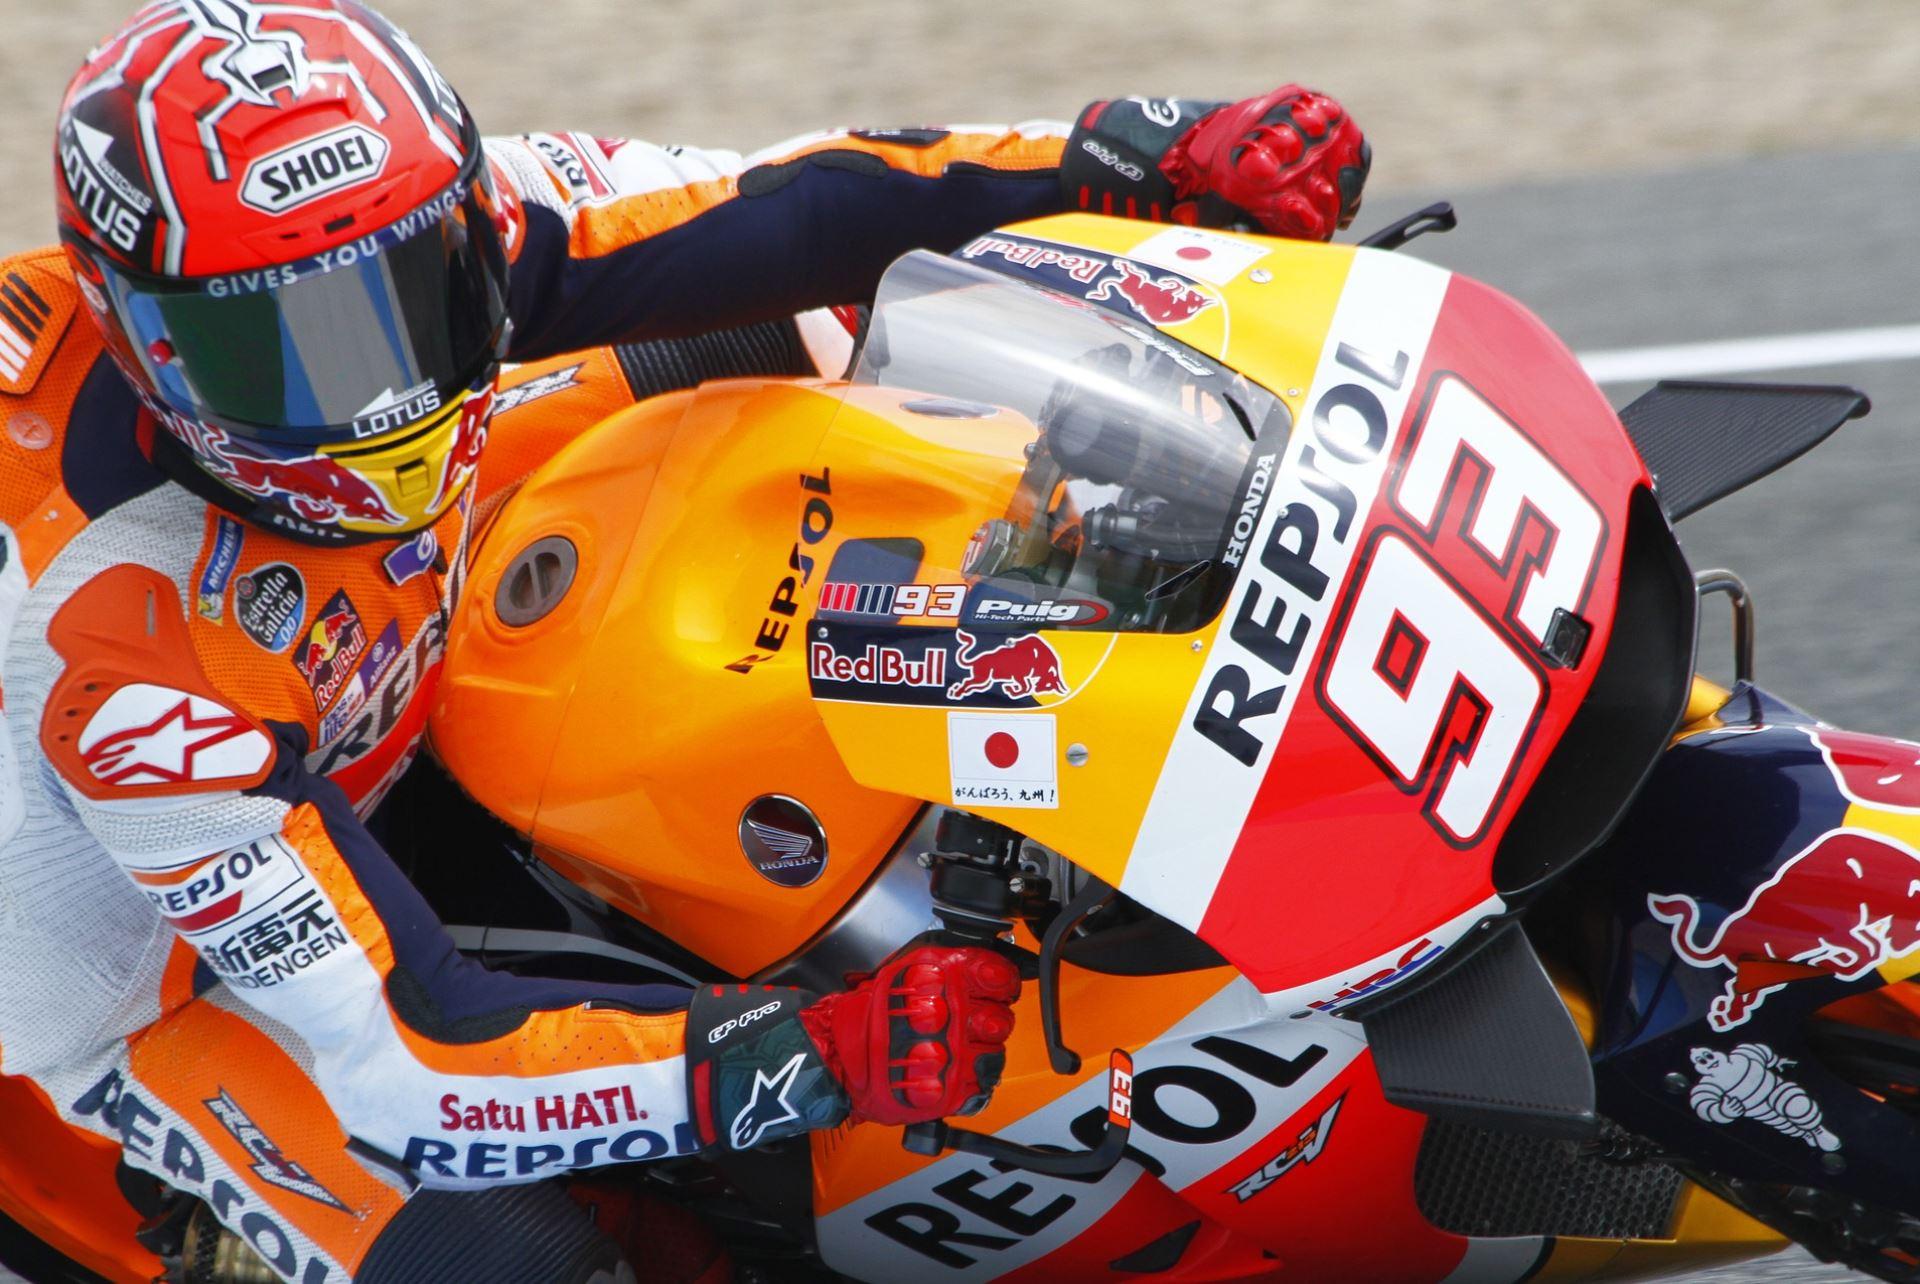 ▷La parrilla de MotoGP 2019  ea466531457